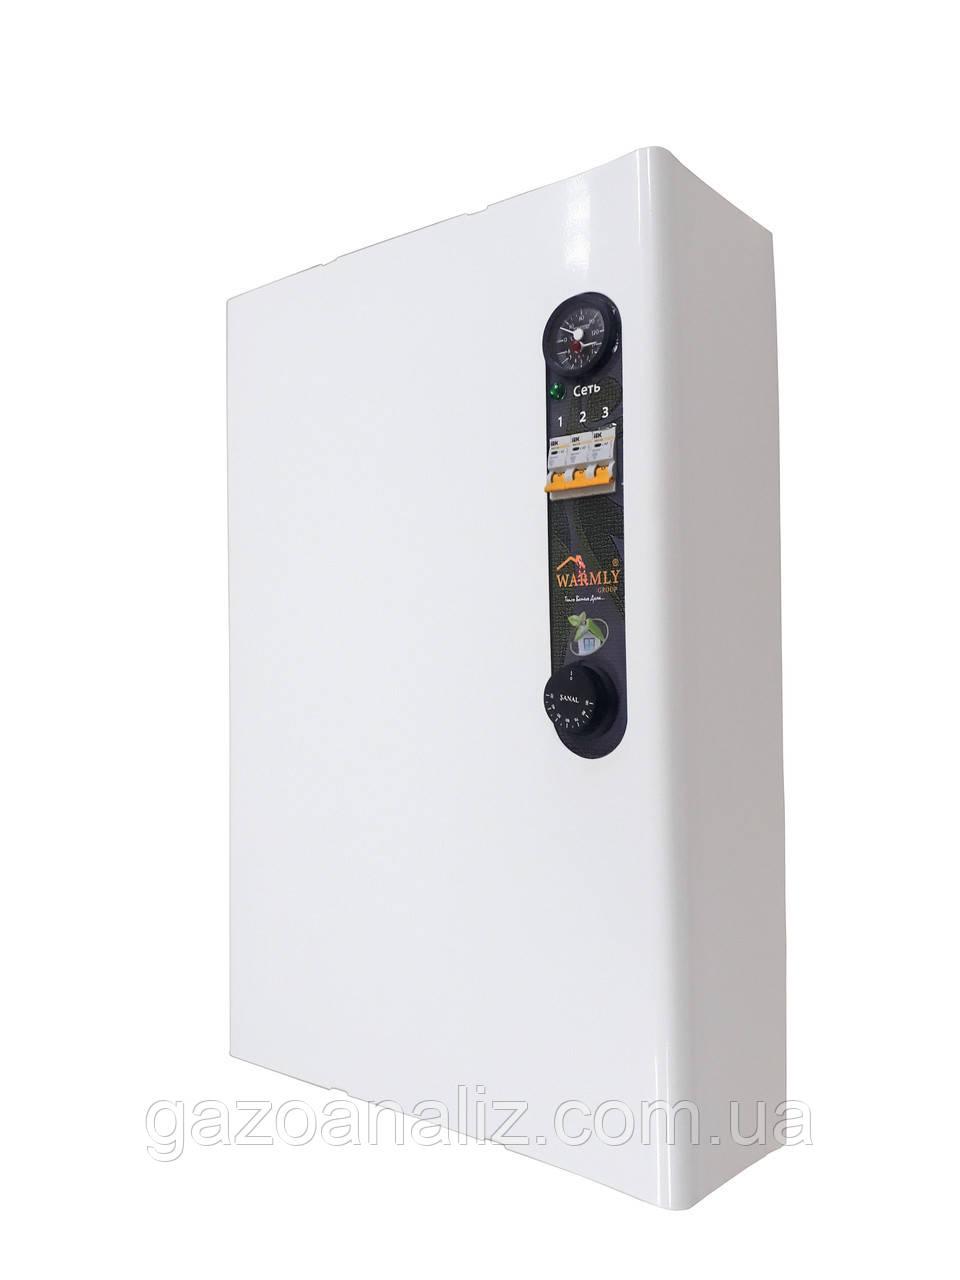 Электрокотел Warmly PRO 18 квт 380в. Магнитный пускатель